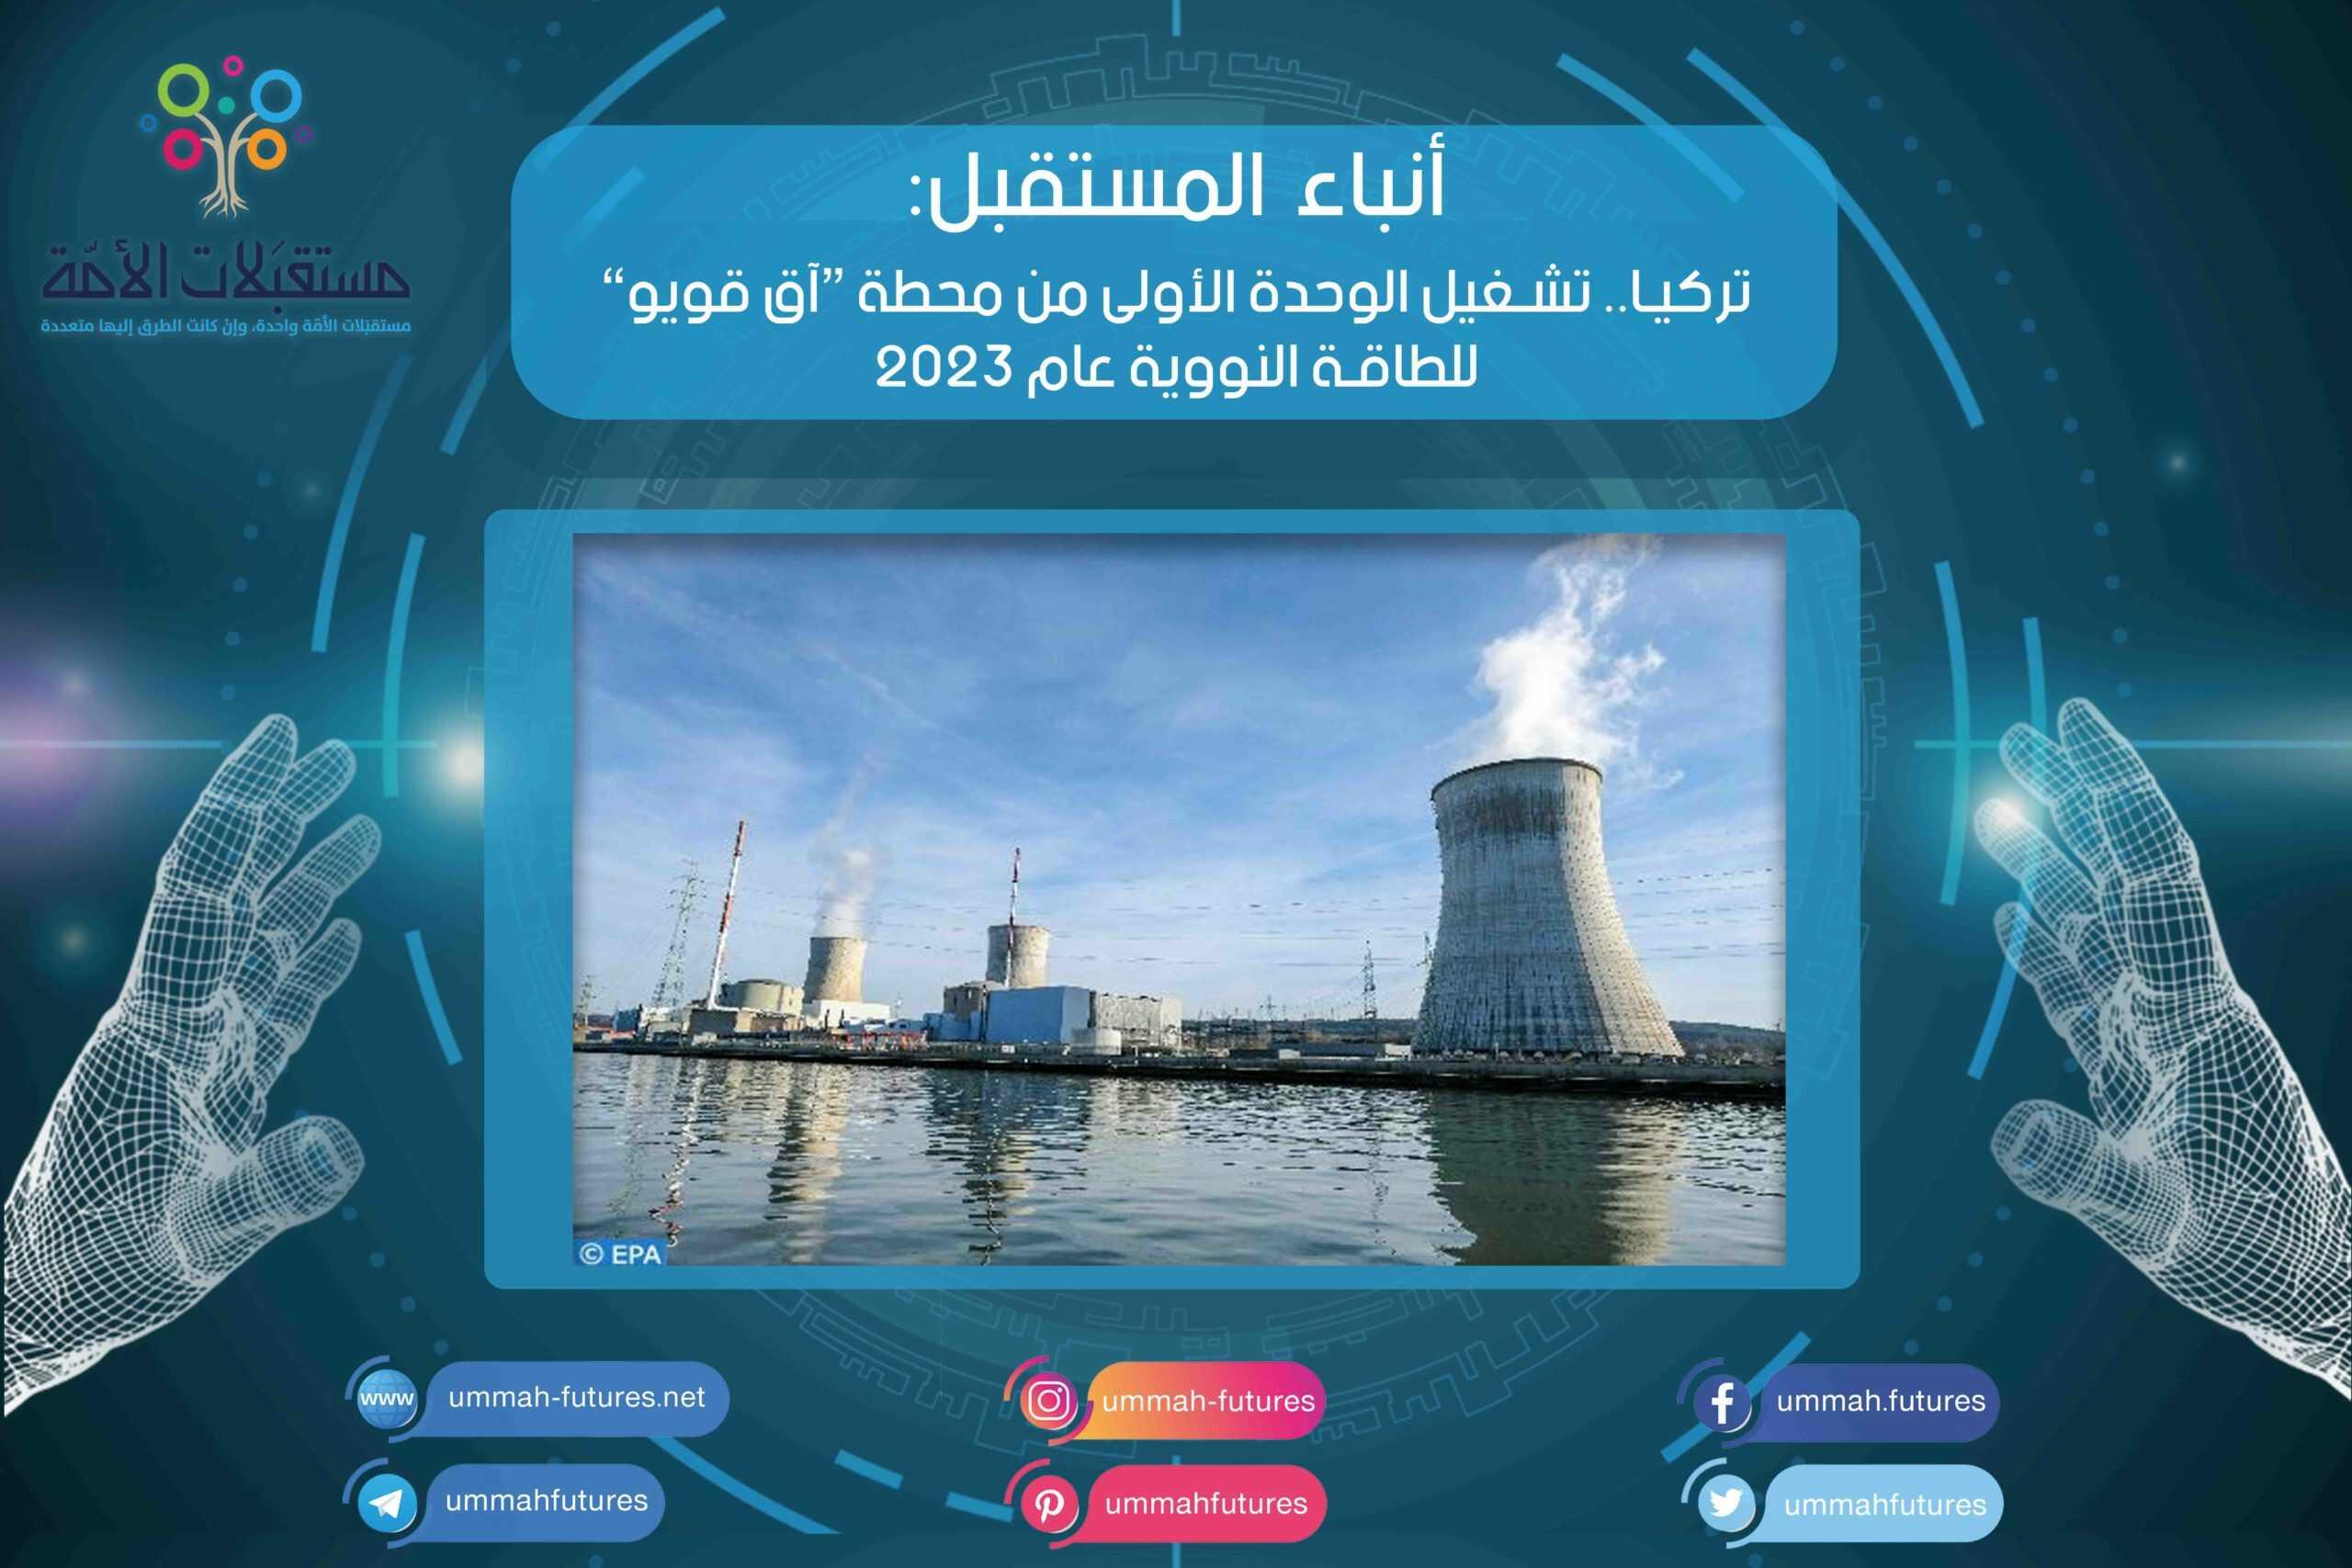 """تركيا.. تشغيل الوحدة الأولى من محطة """"آق قويو"""" للطاقة النووية عام 2023"""